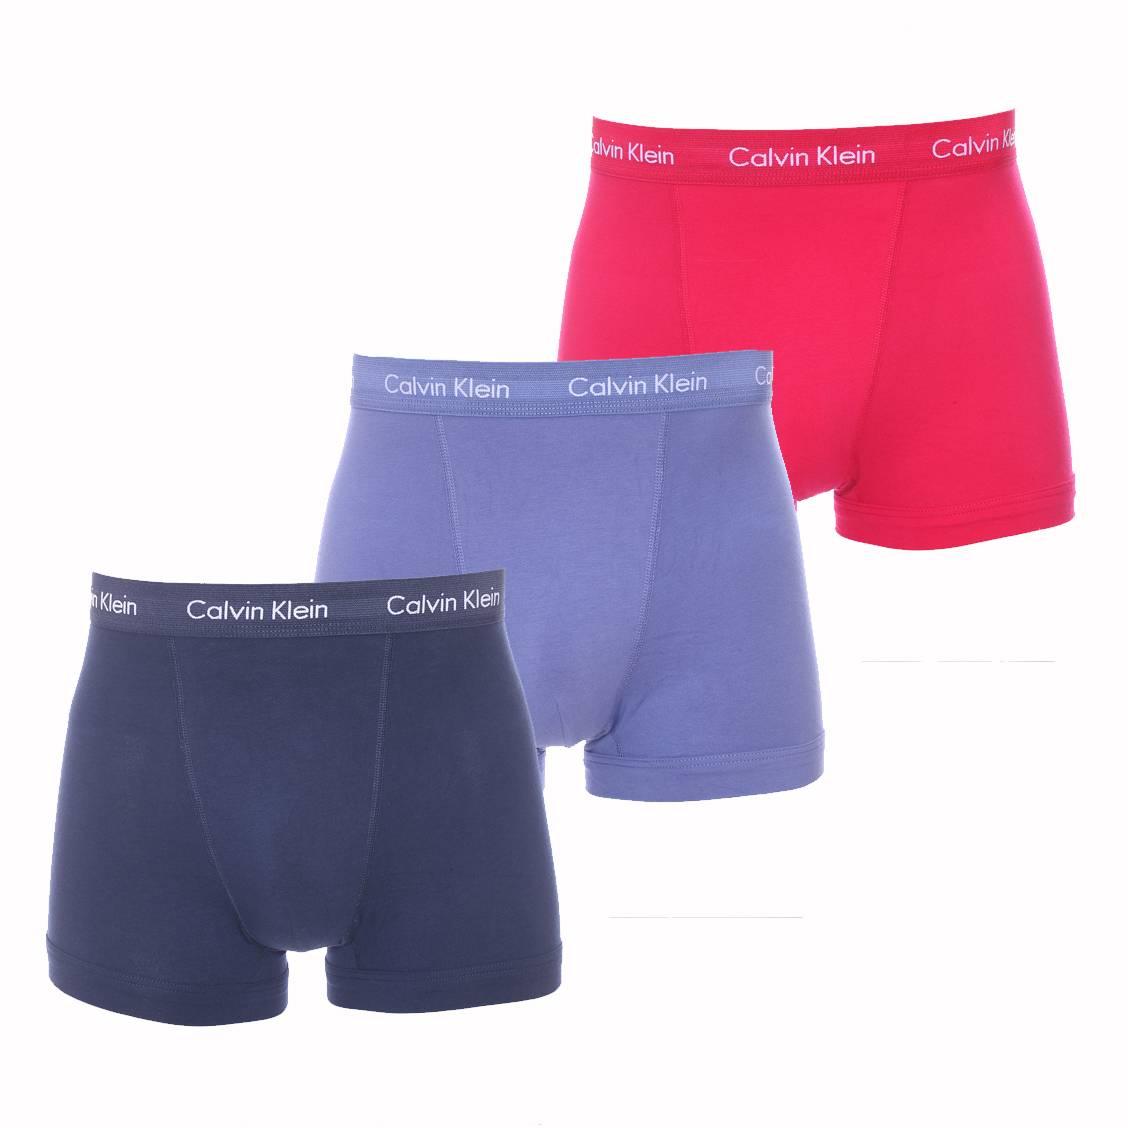 lot de 3 boxers calvin klein en coton stretch bleu jean bleu marine et framboise rue des hommes. Black Bedroom Furniture Sets. Home Design Ideas